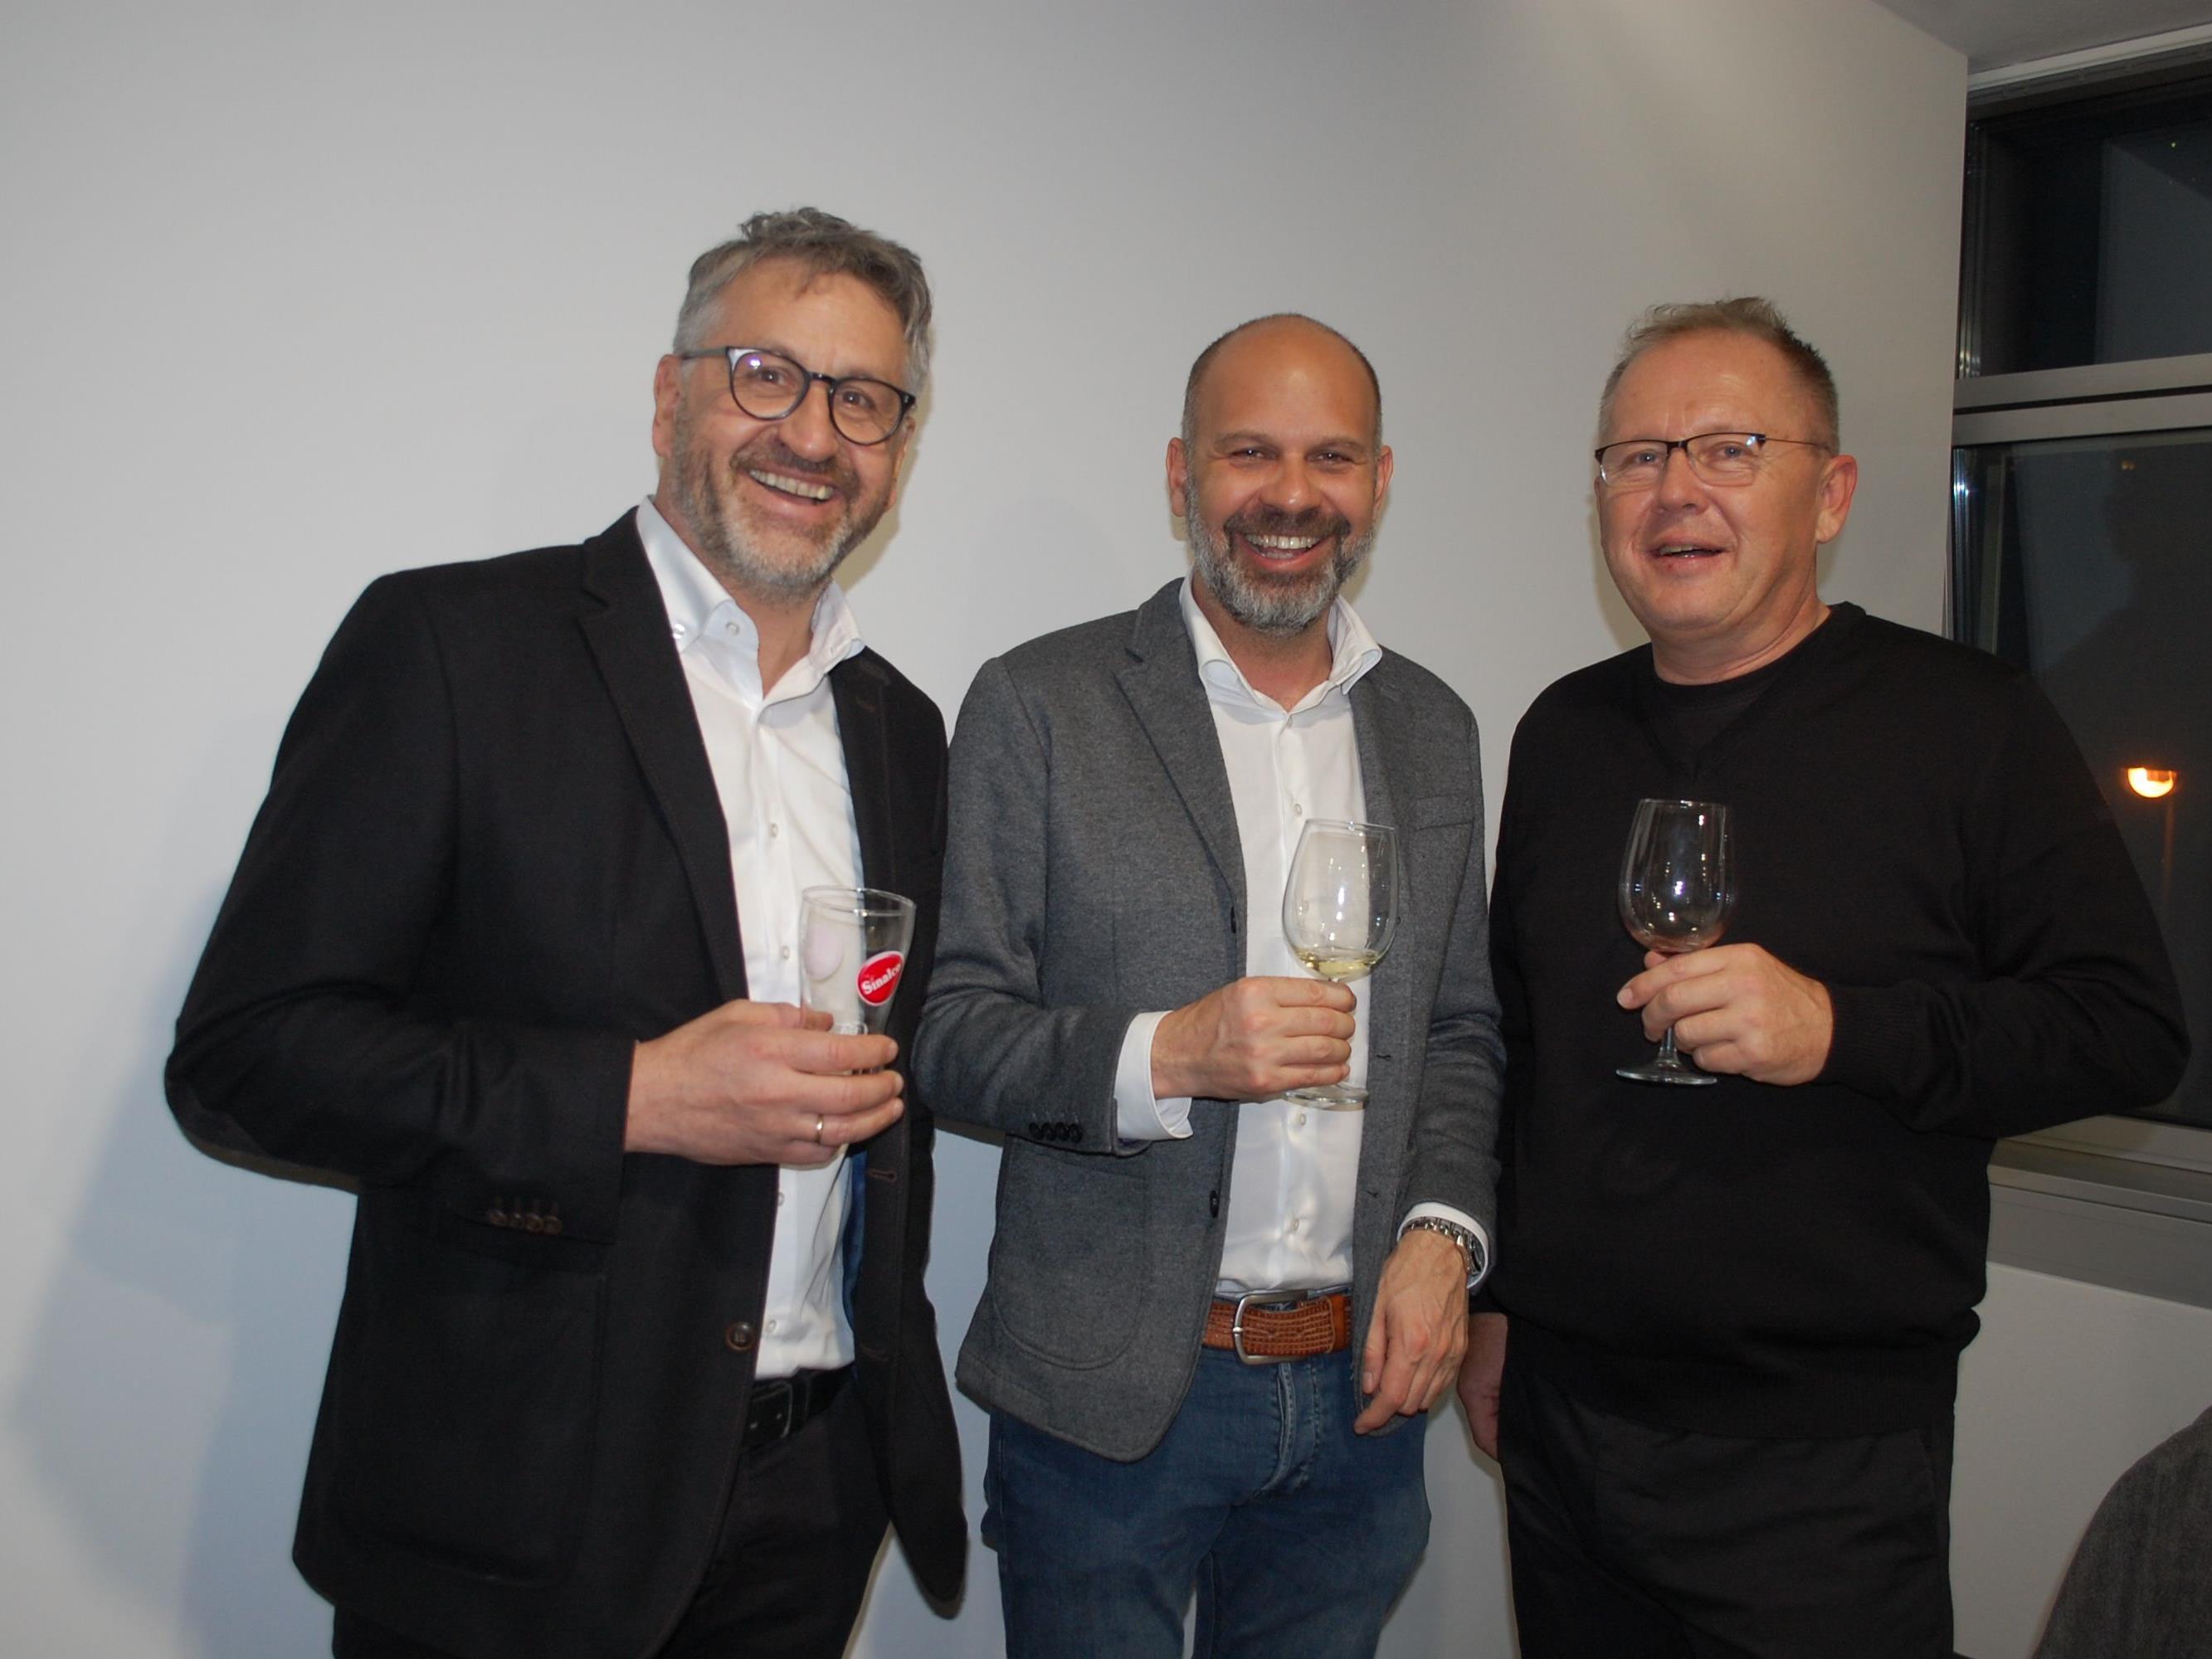 Hans-Peter Lang und Christian Vonier konnten zahlreiche Gäste an diesem Abend begrüßen.